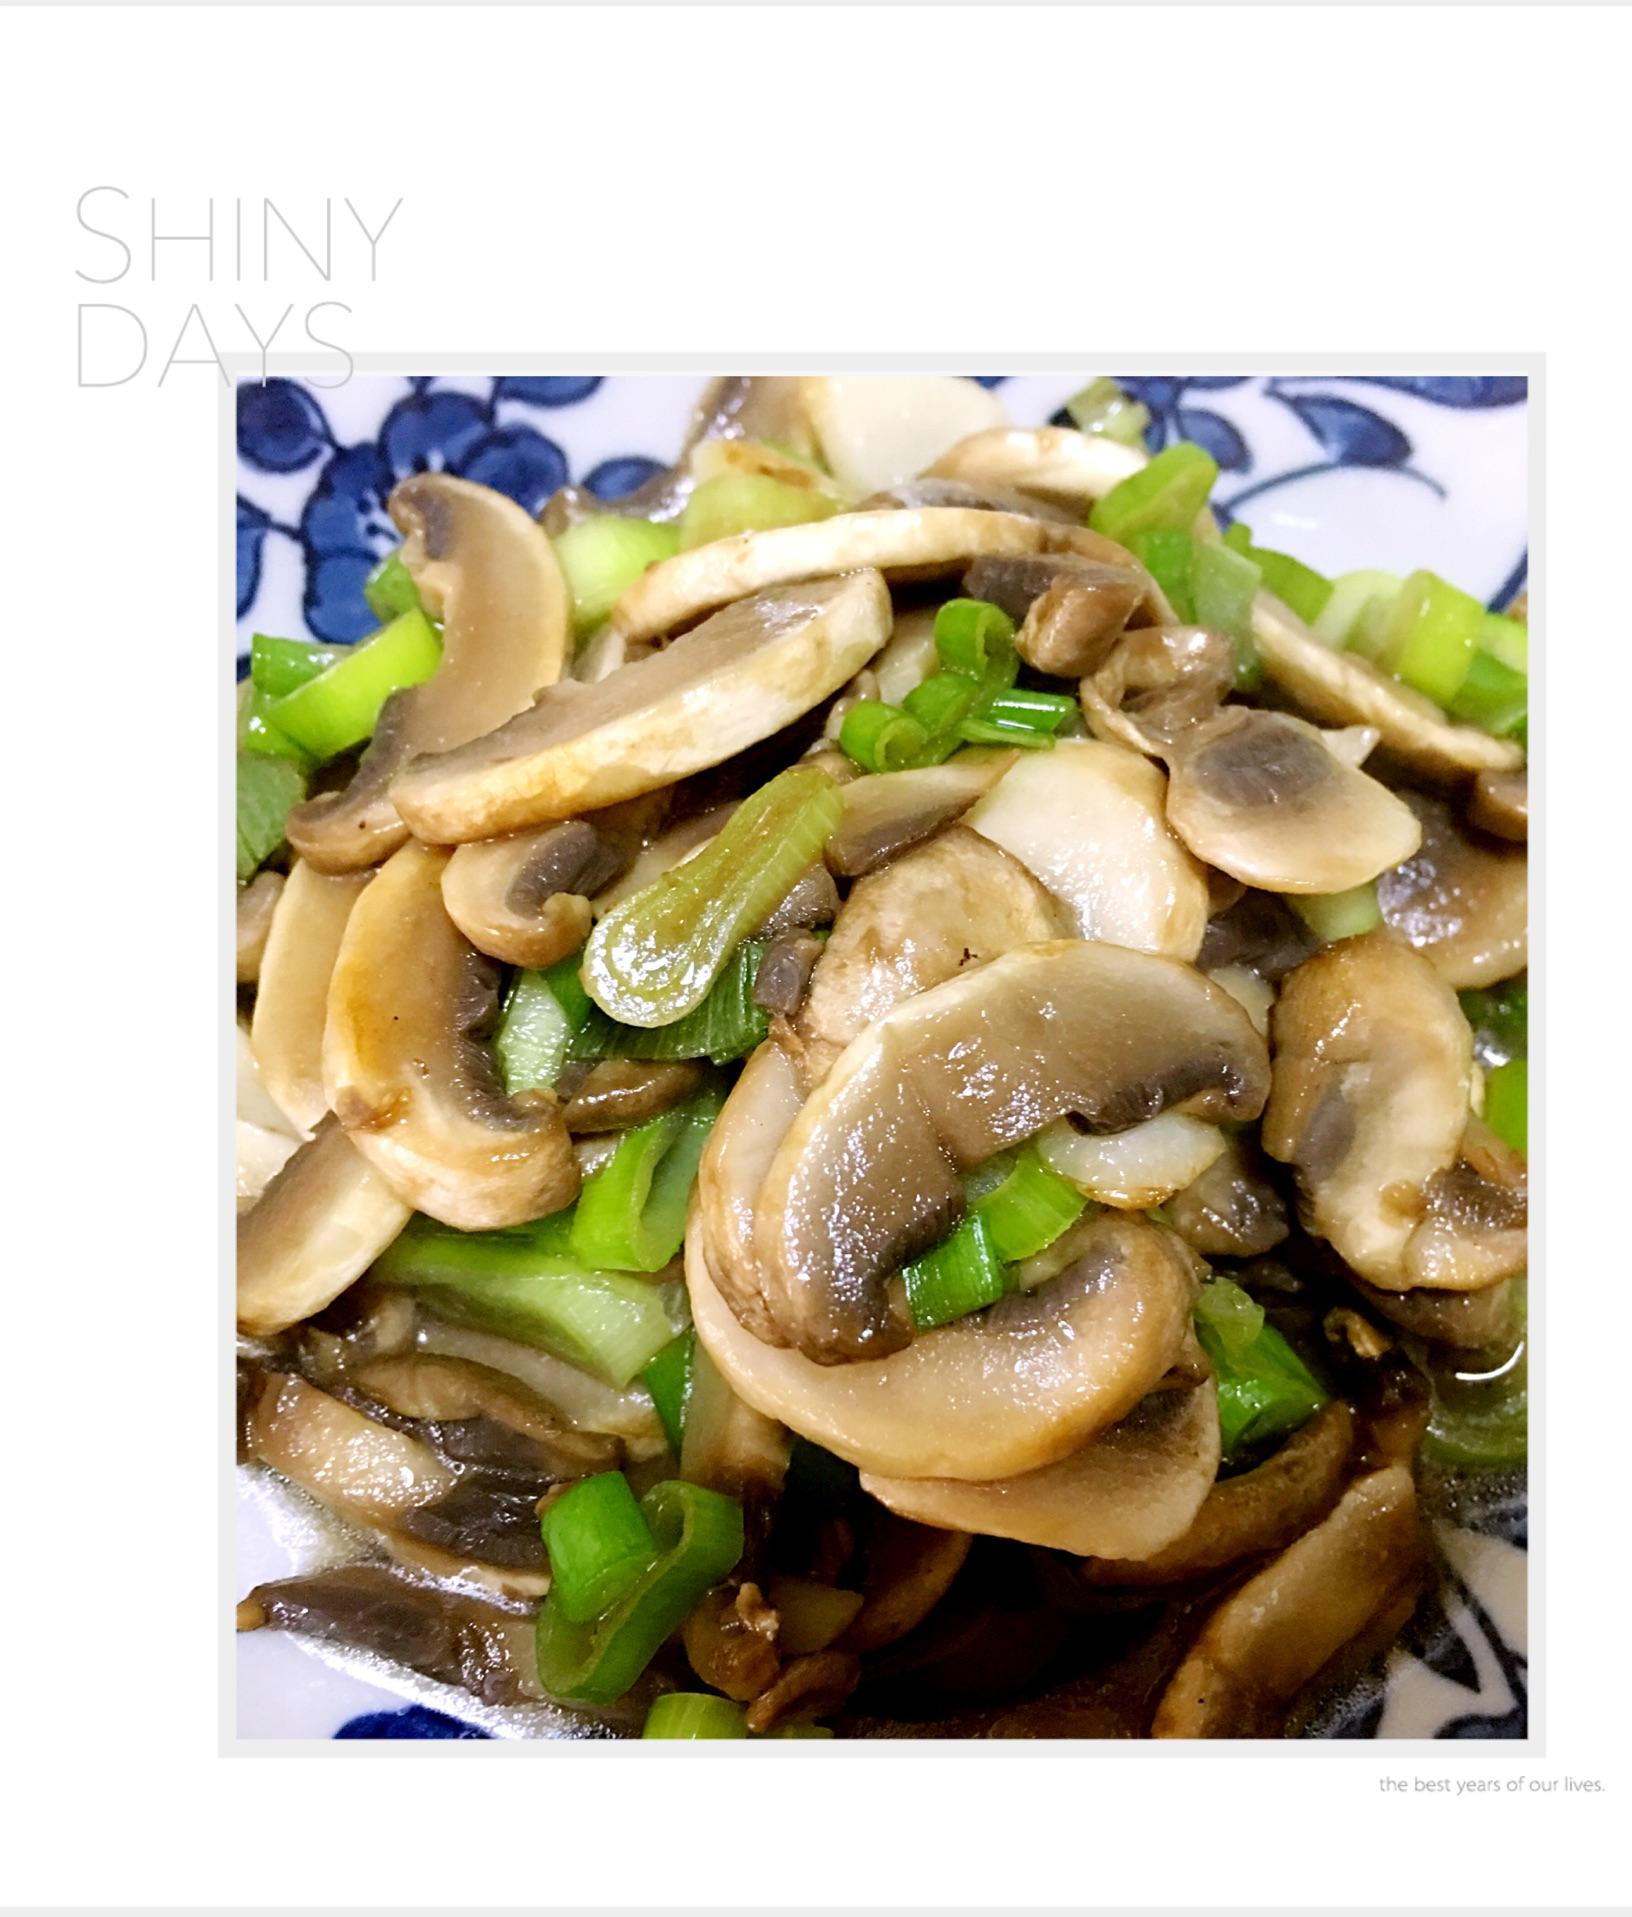 蒜3瓣菜谱少许盐适量菜品适量清炒大葱的蘑菇味精本步骤宫保鸡哪里的做法图片